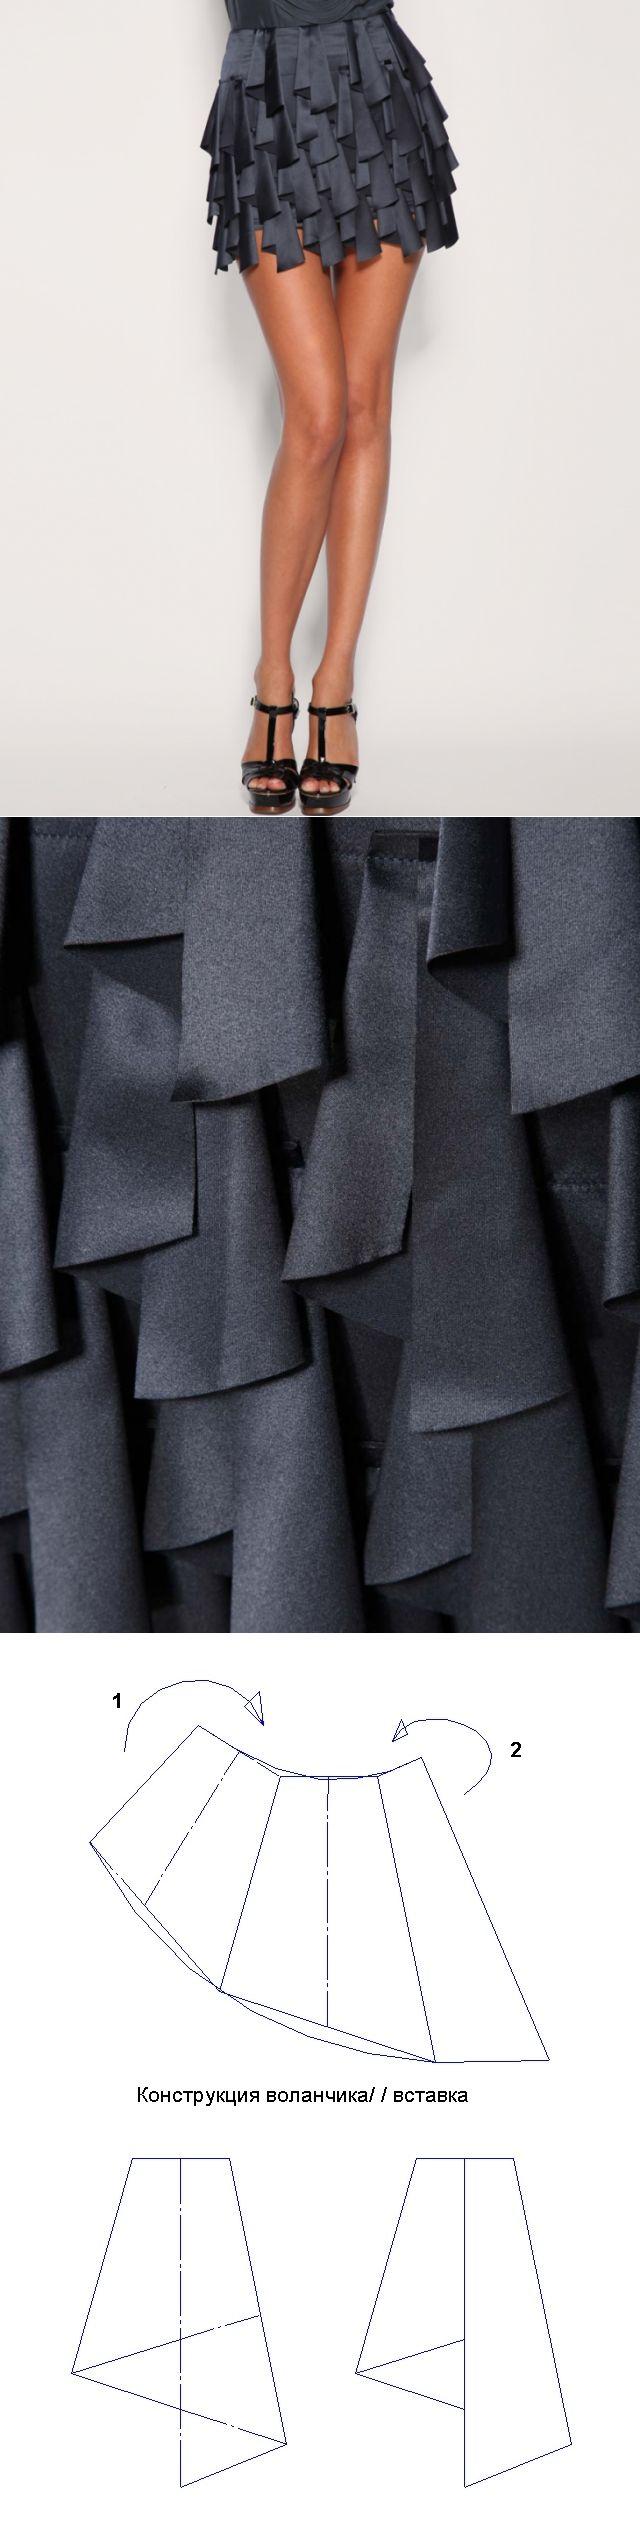 Простая юбка с воланчиками (схема волана) / Юбки и их переделки...<3 Deniz <3